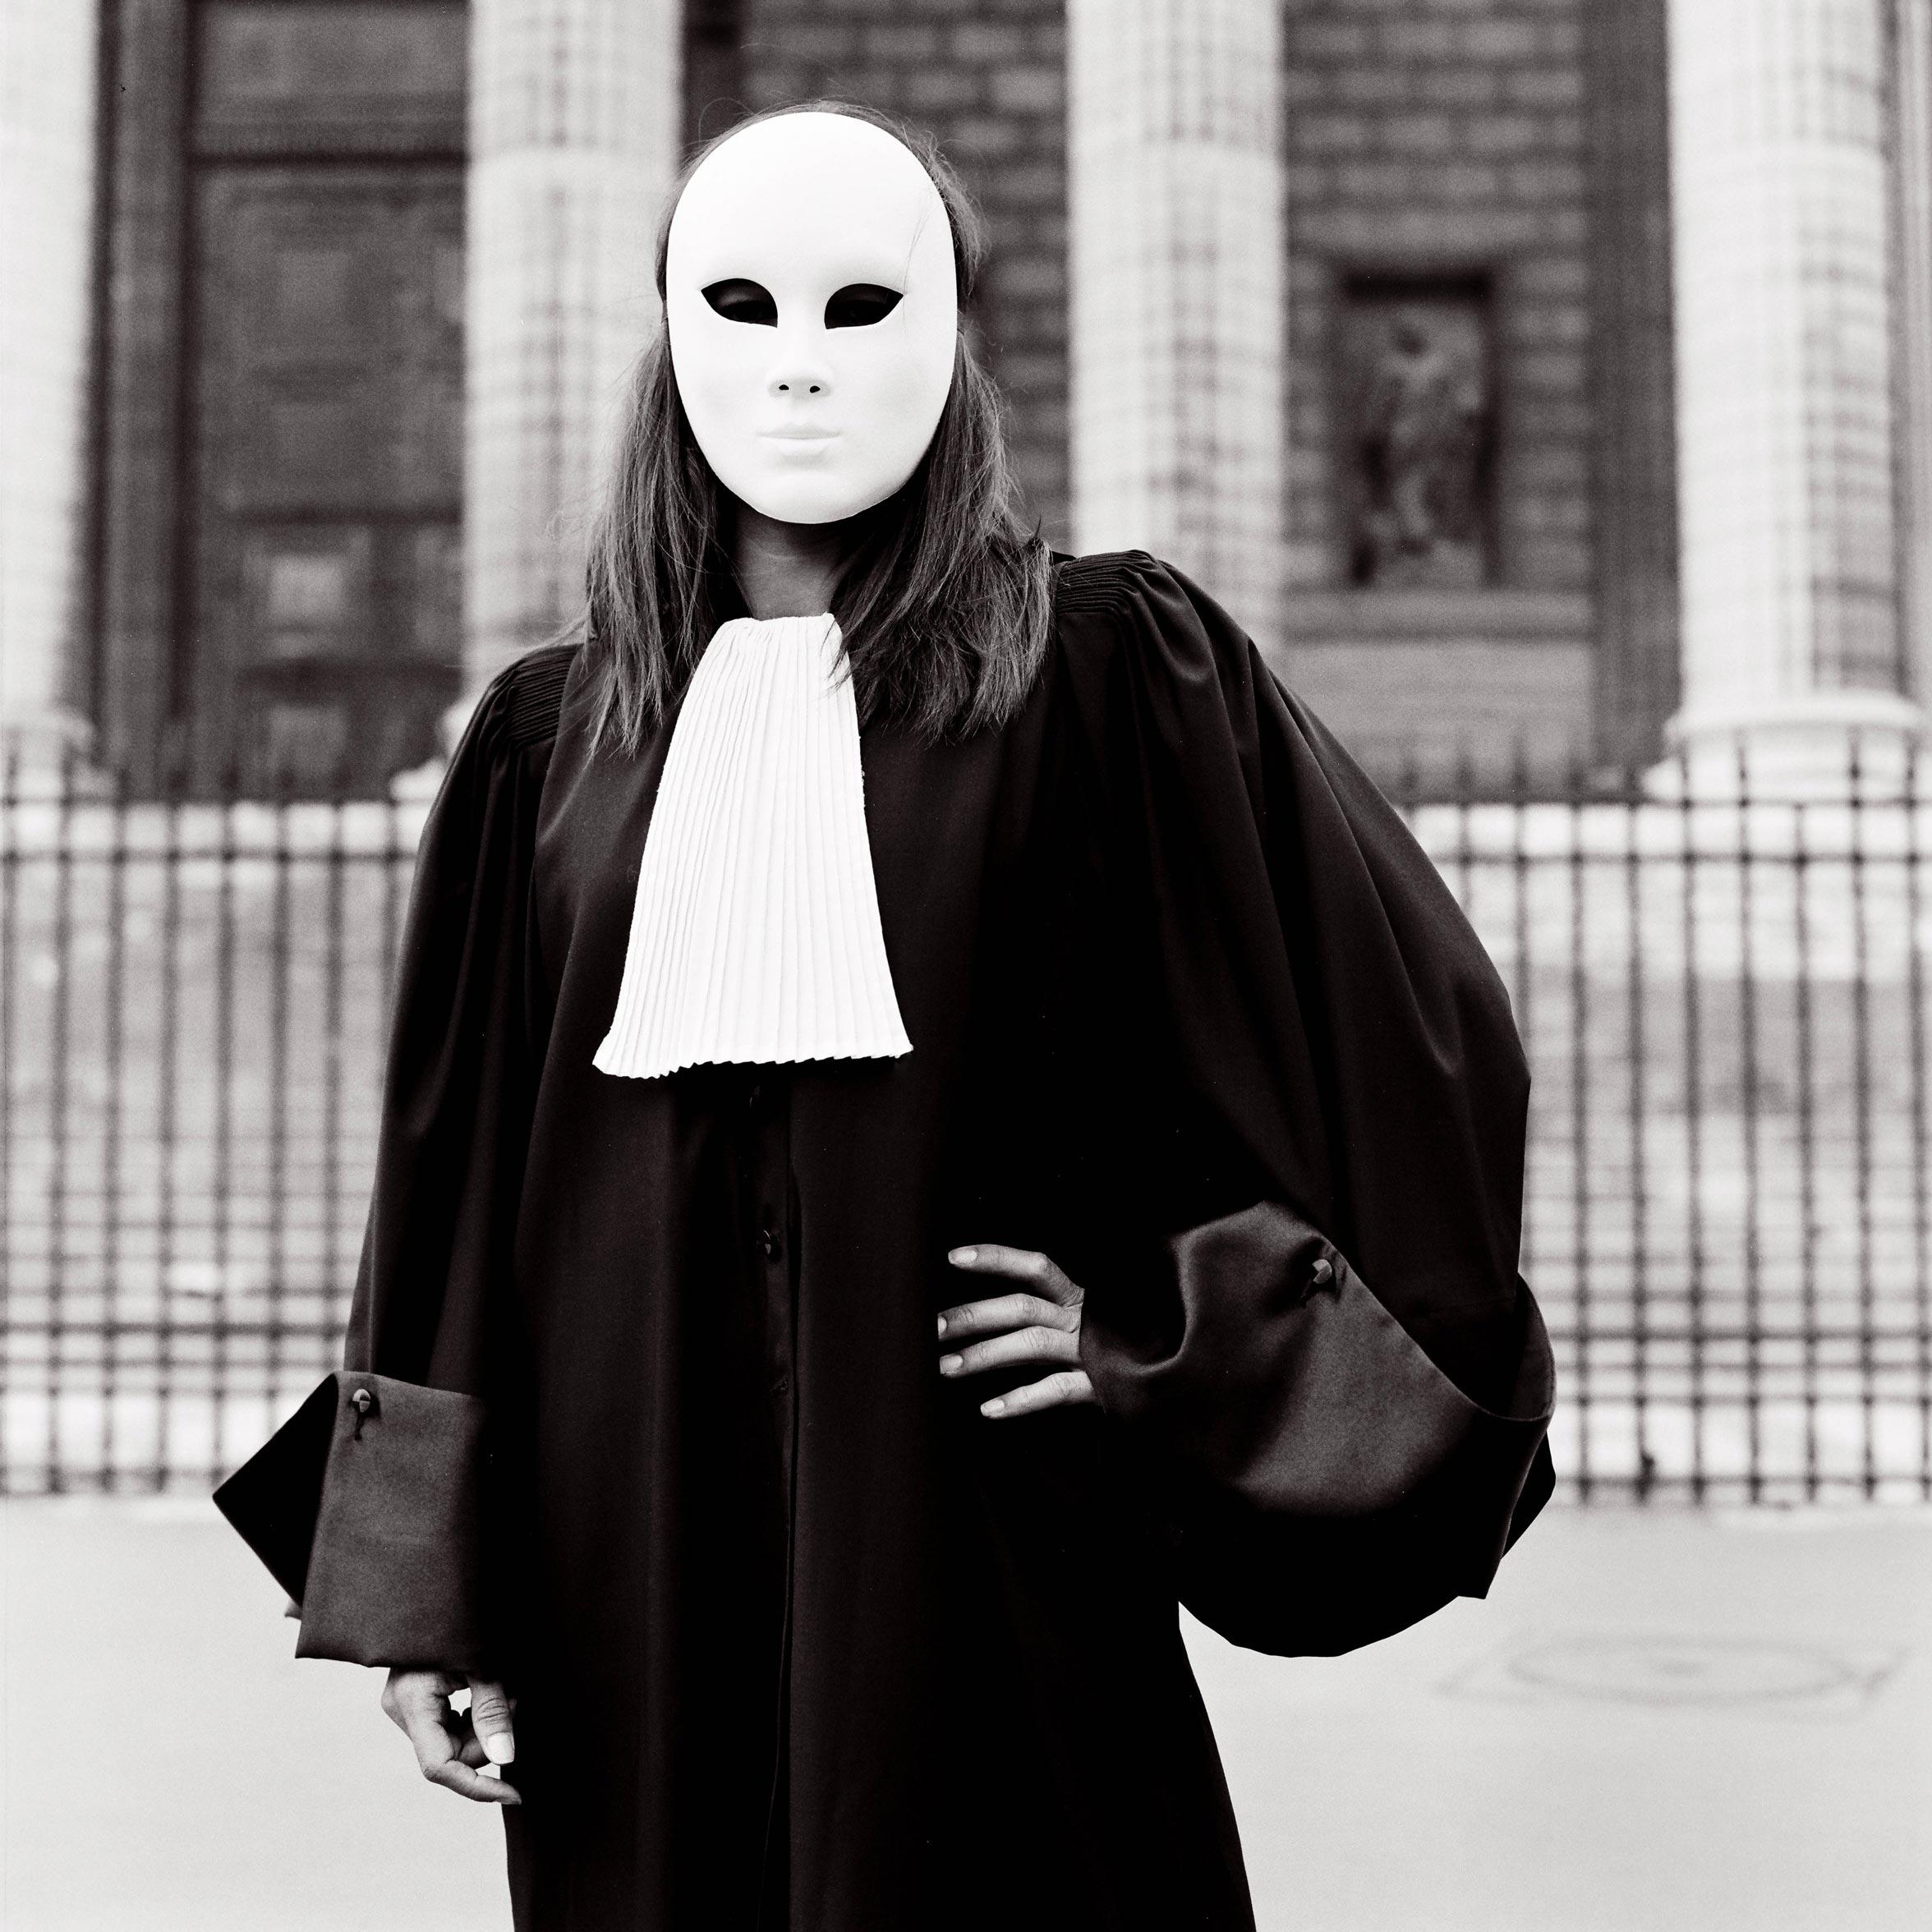 Photographie d'art d'une avocate portant un masque